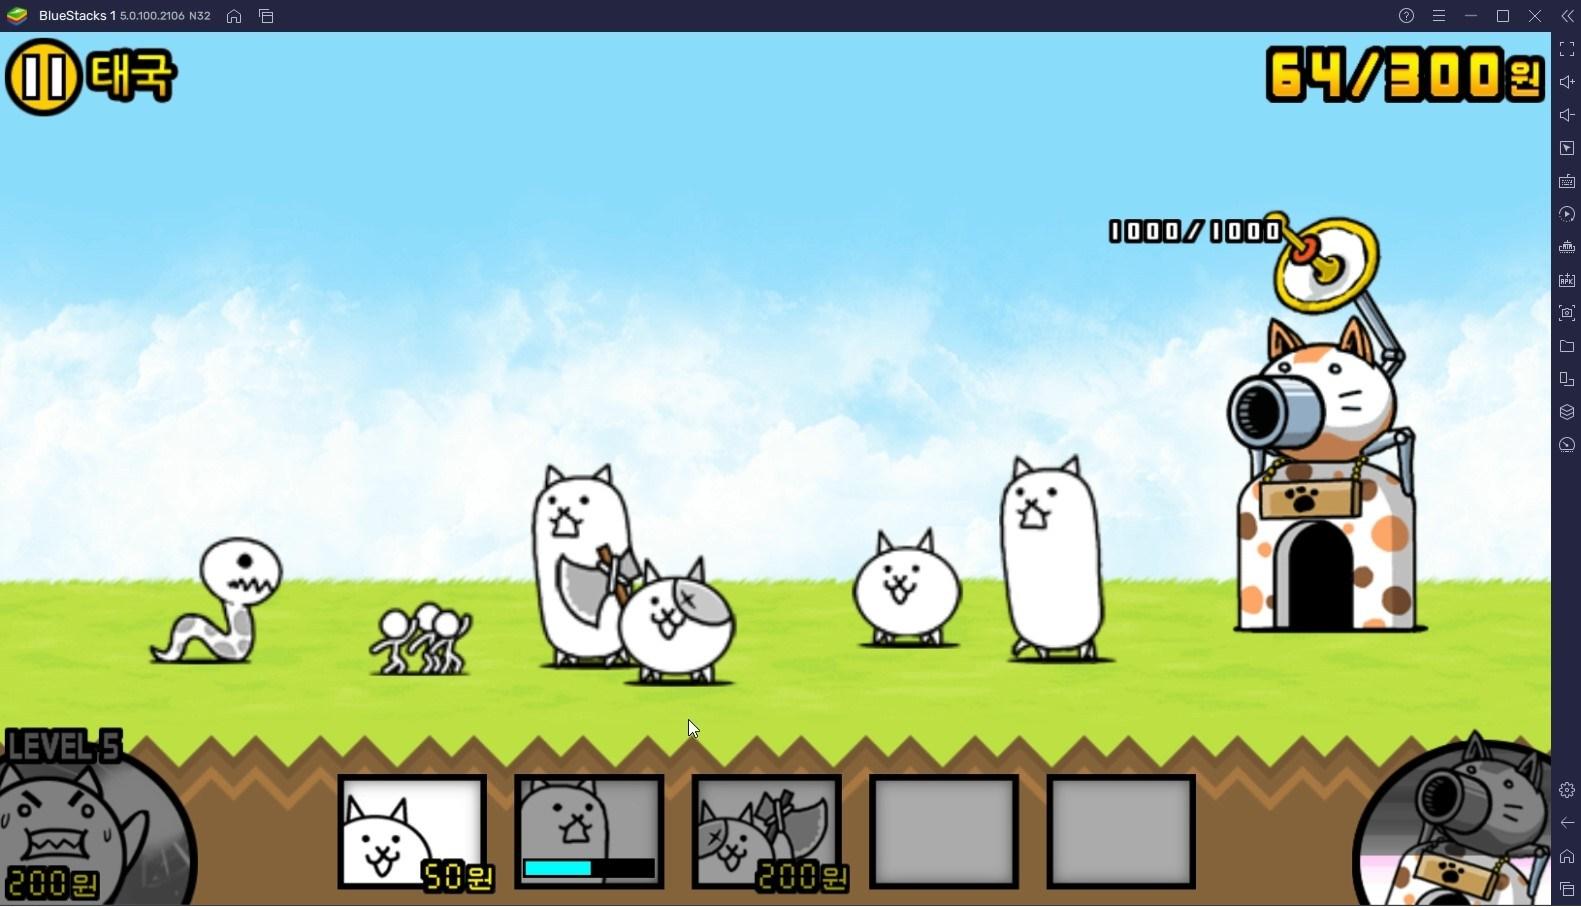 고양이들이 등장하는 디펜스 게임, 냥코 대전쟁을 블루스택으로 즐겨봐요!